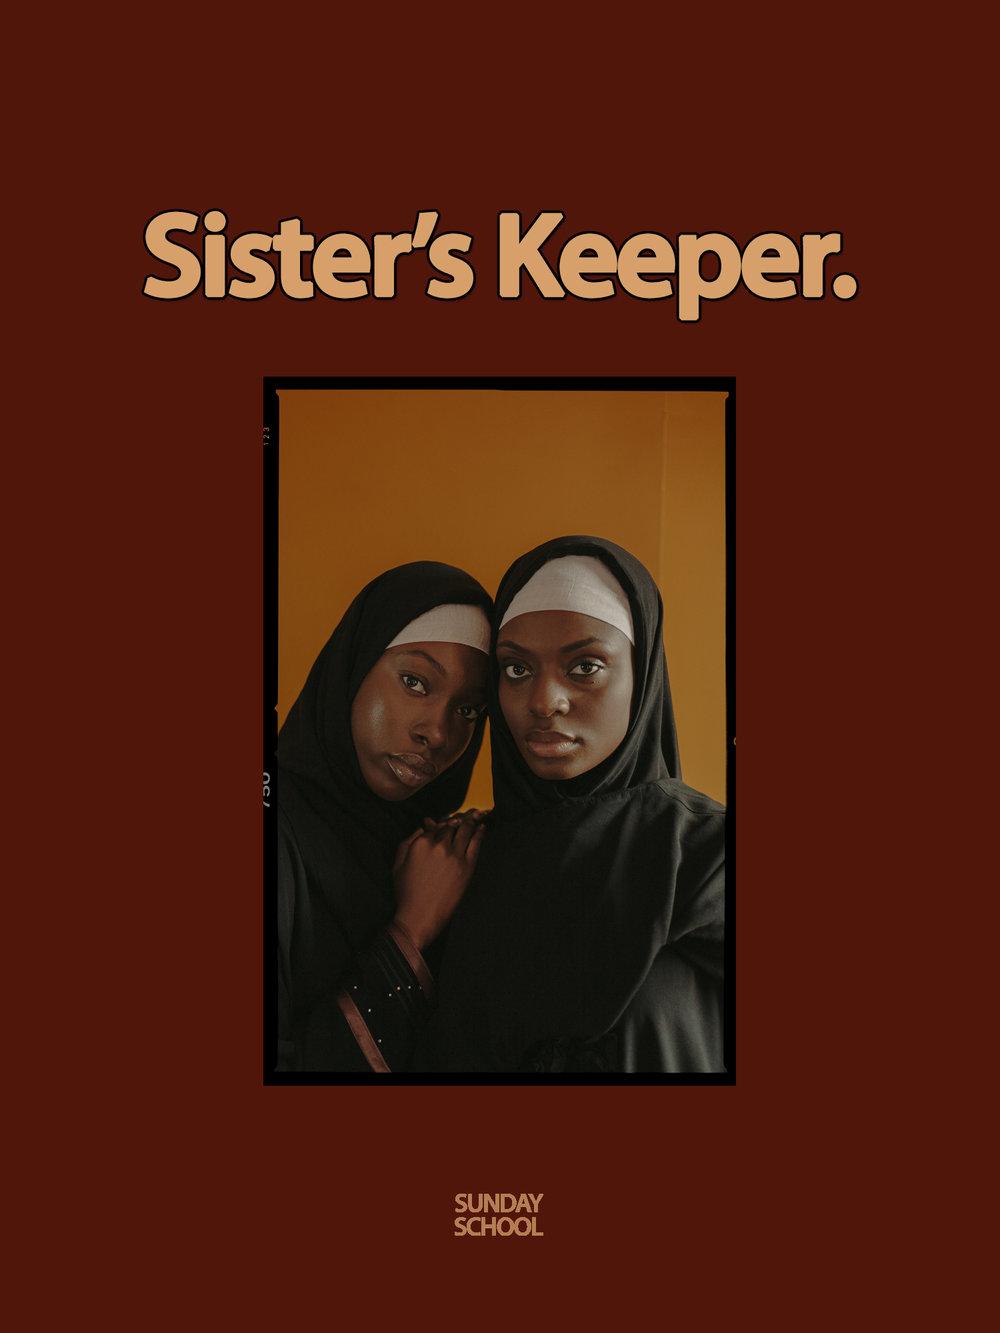 sisterskeepertitle1.jpg